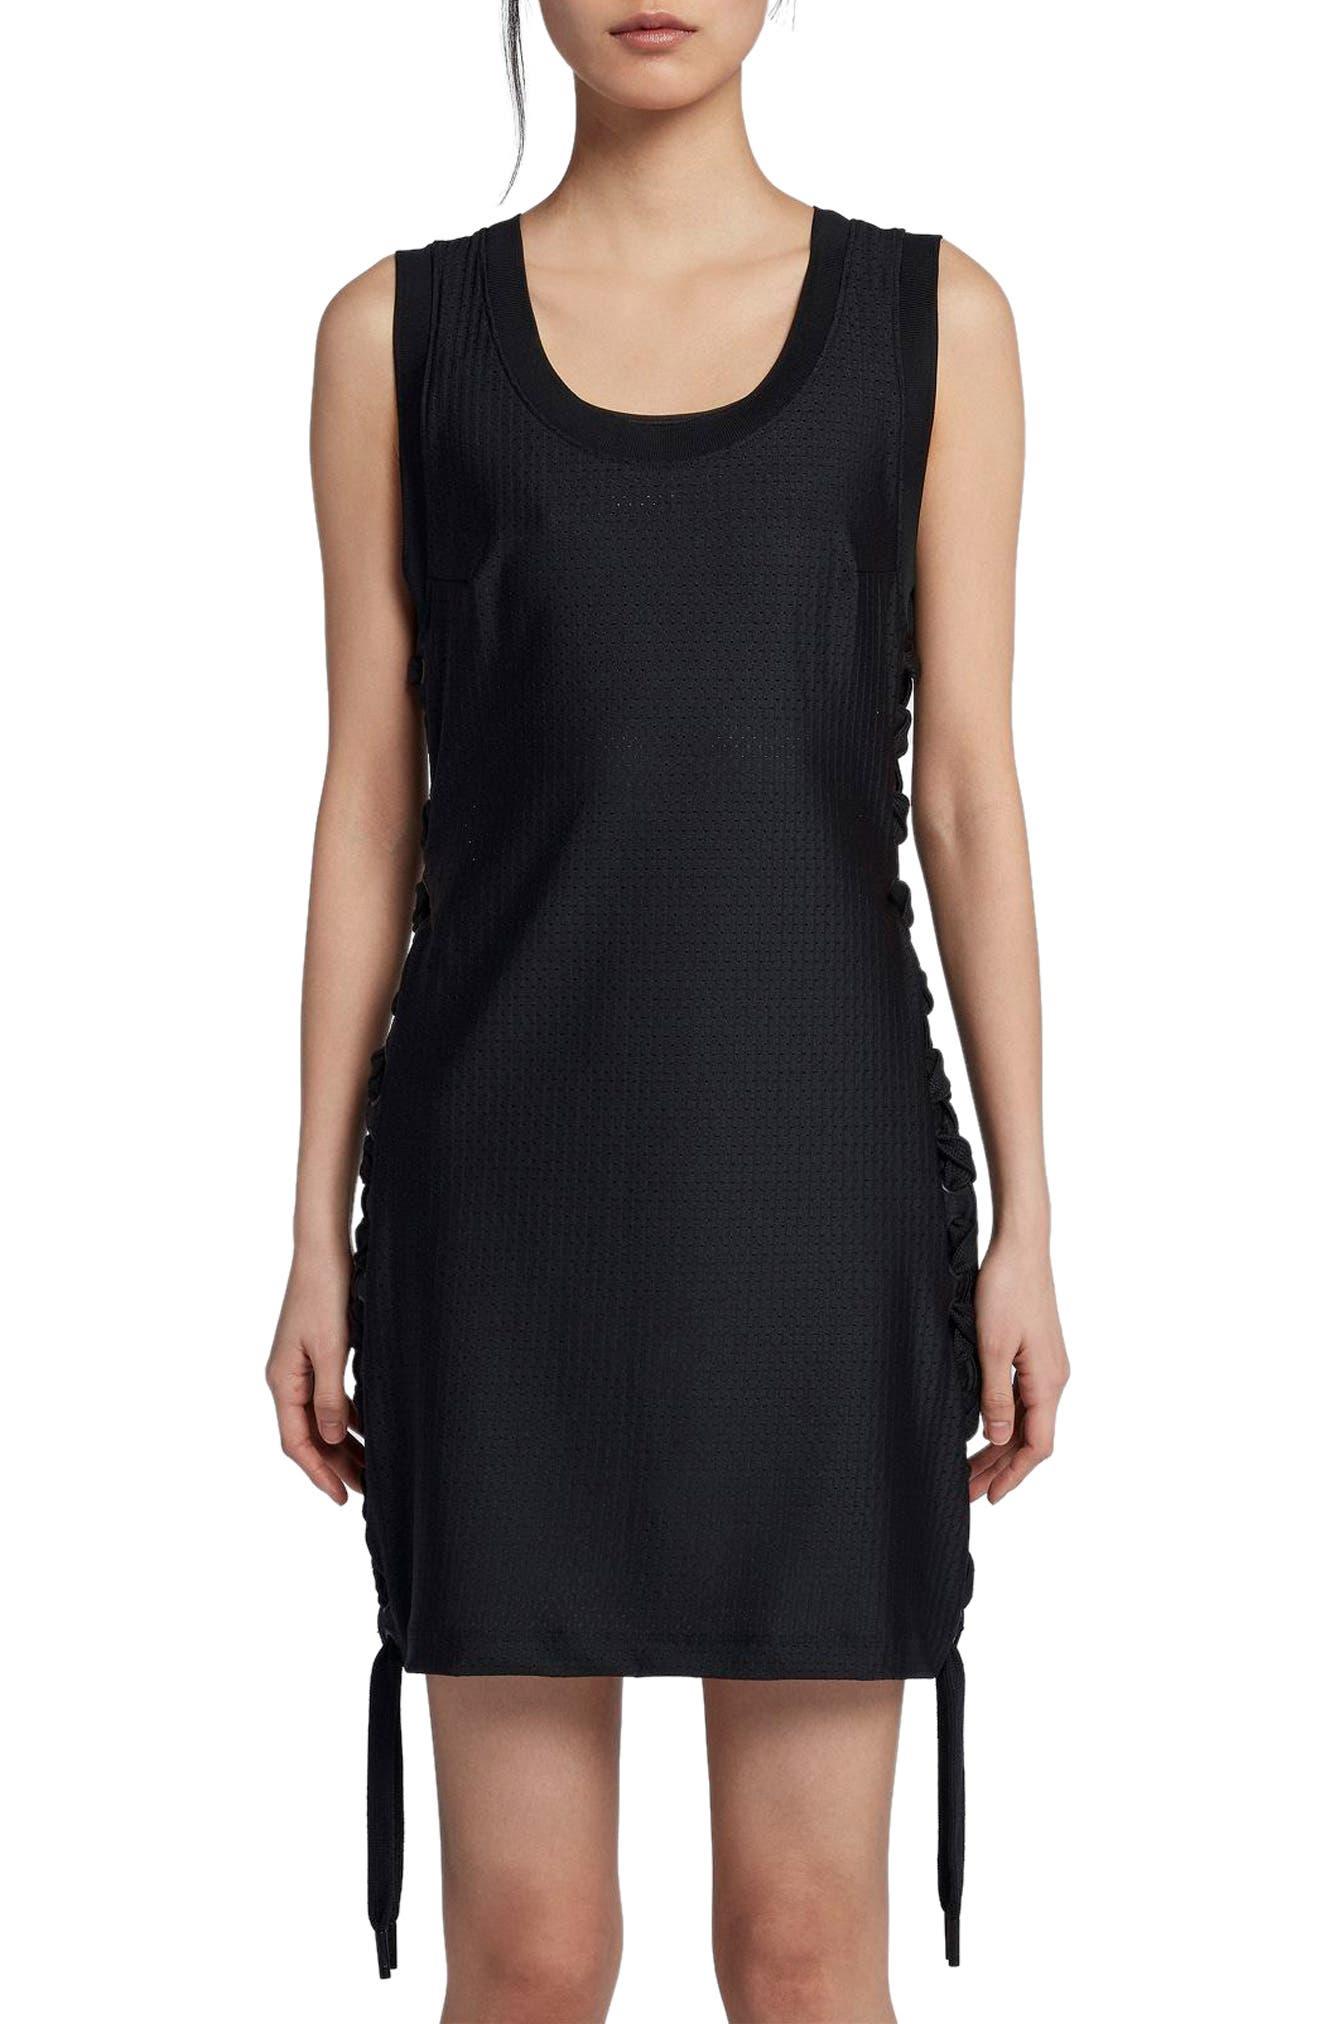 Nike NikeLab x RT Jersey & Mesh Dress